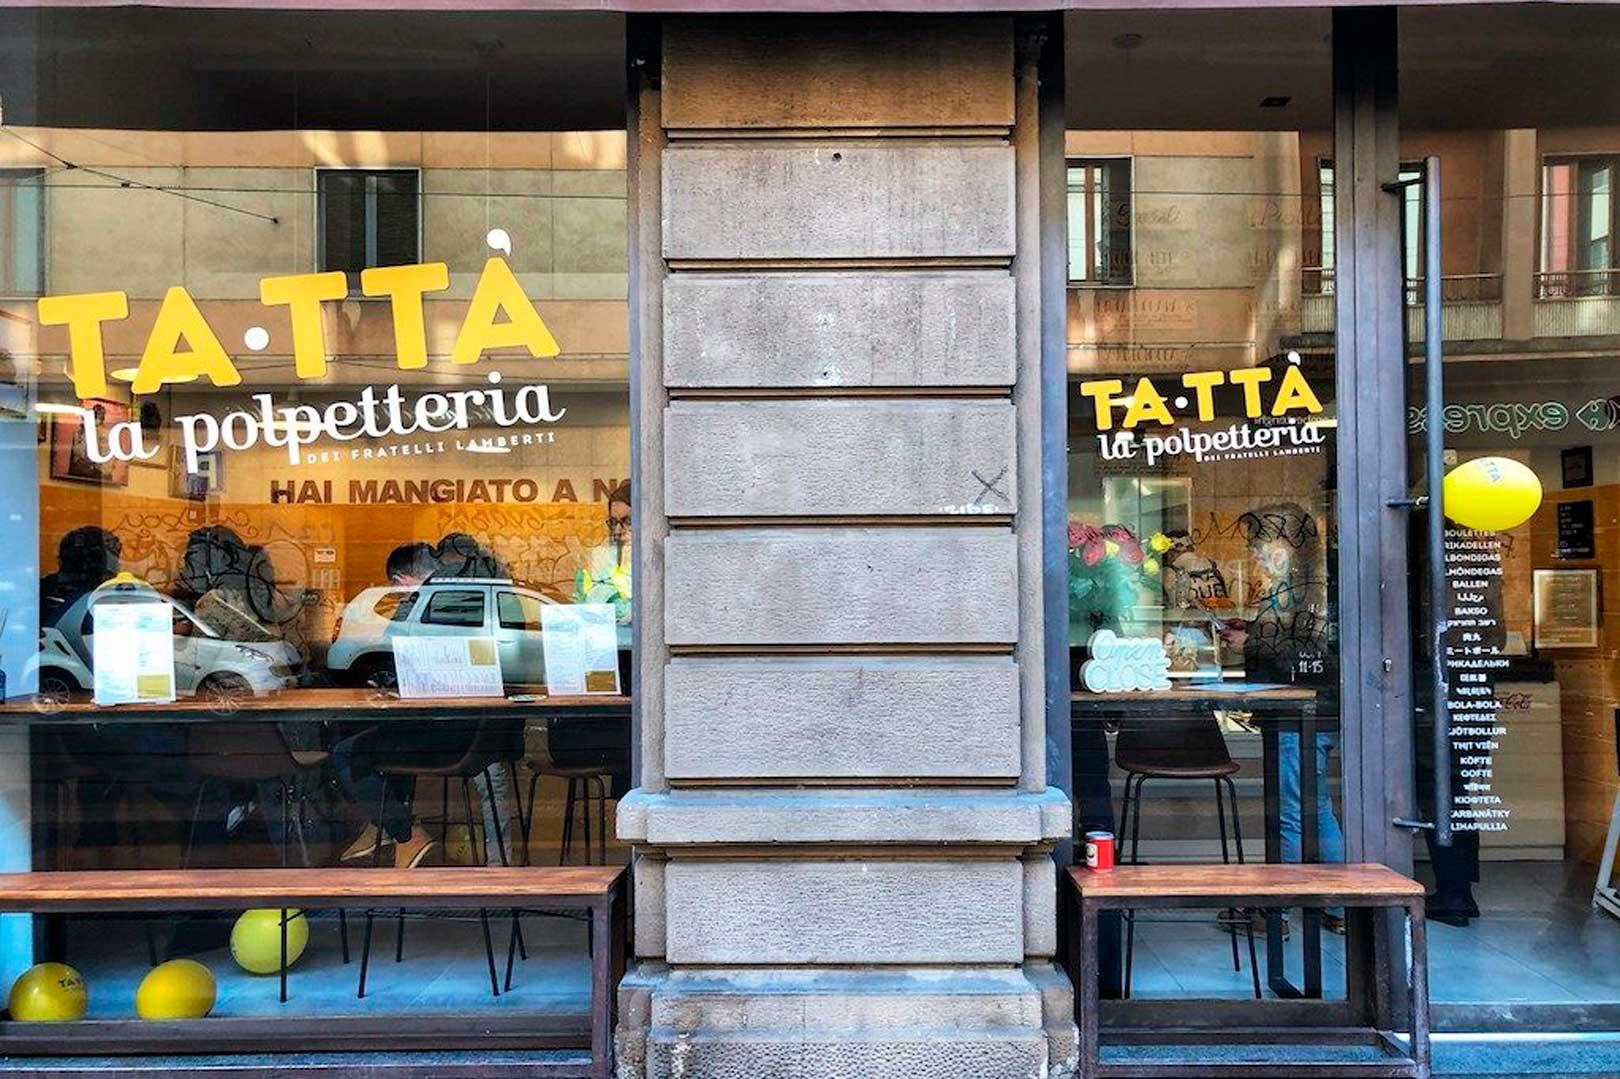 Ta-ttà La Polpetteria - Milano